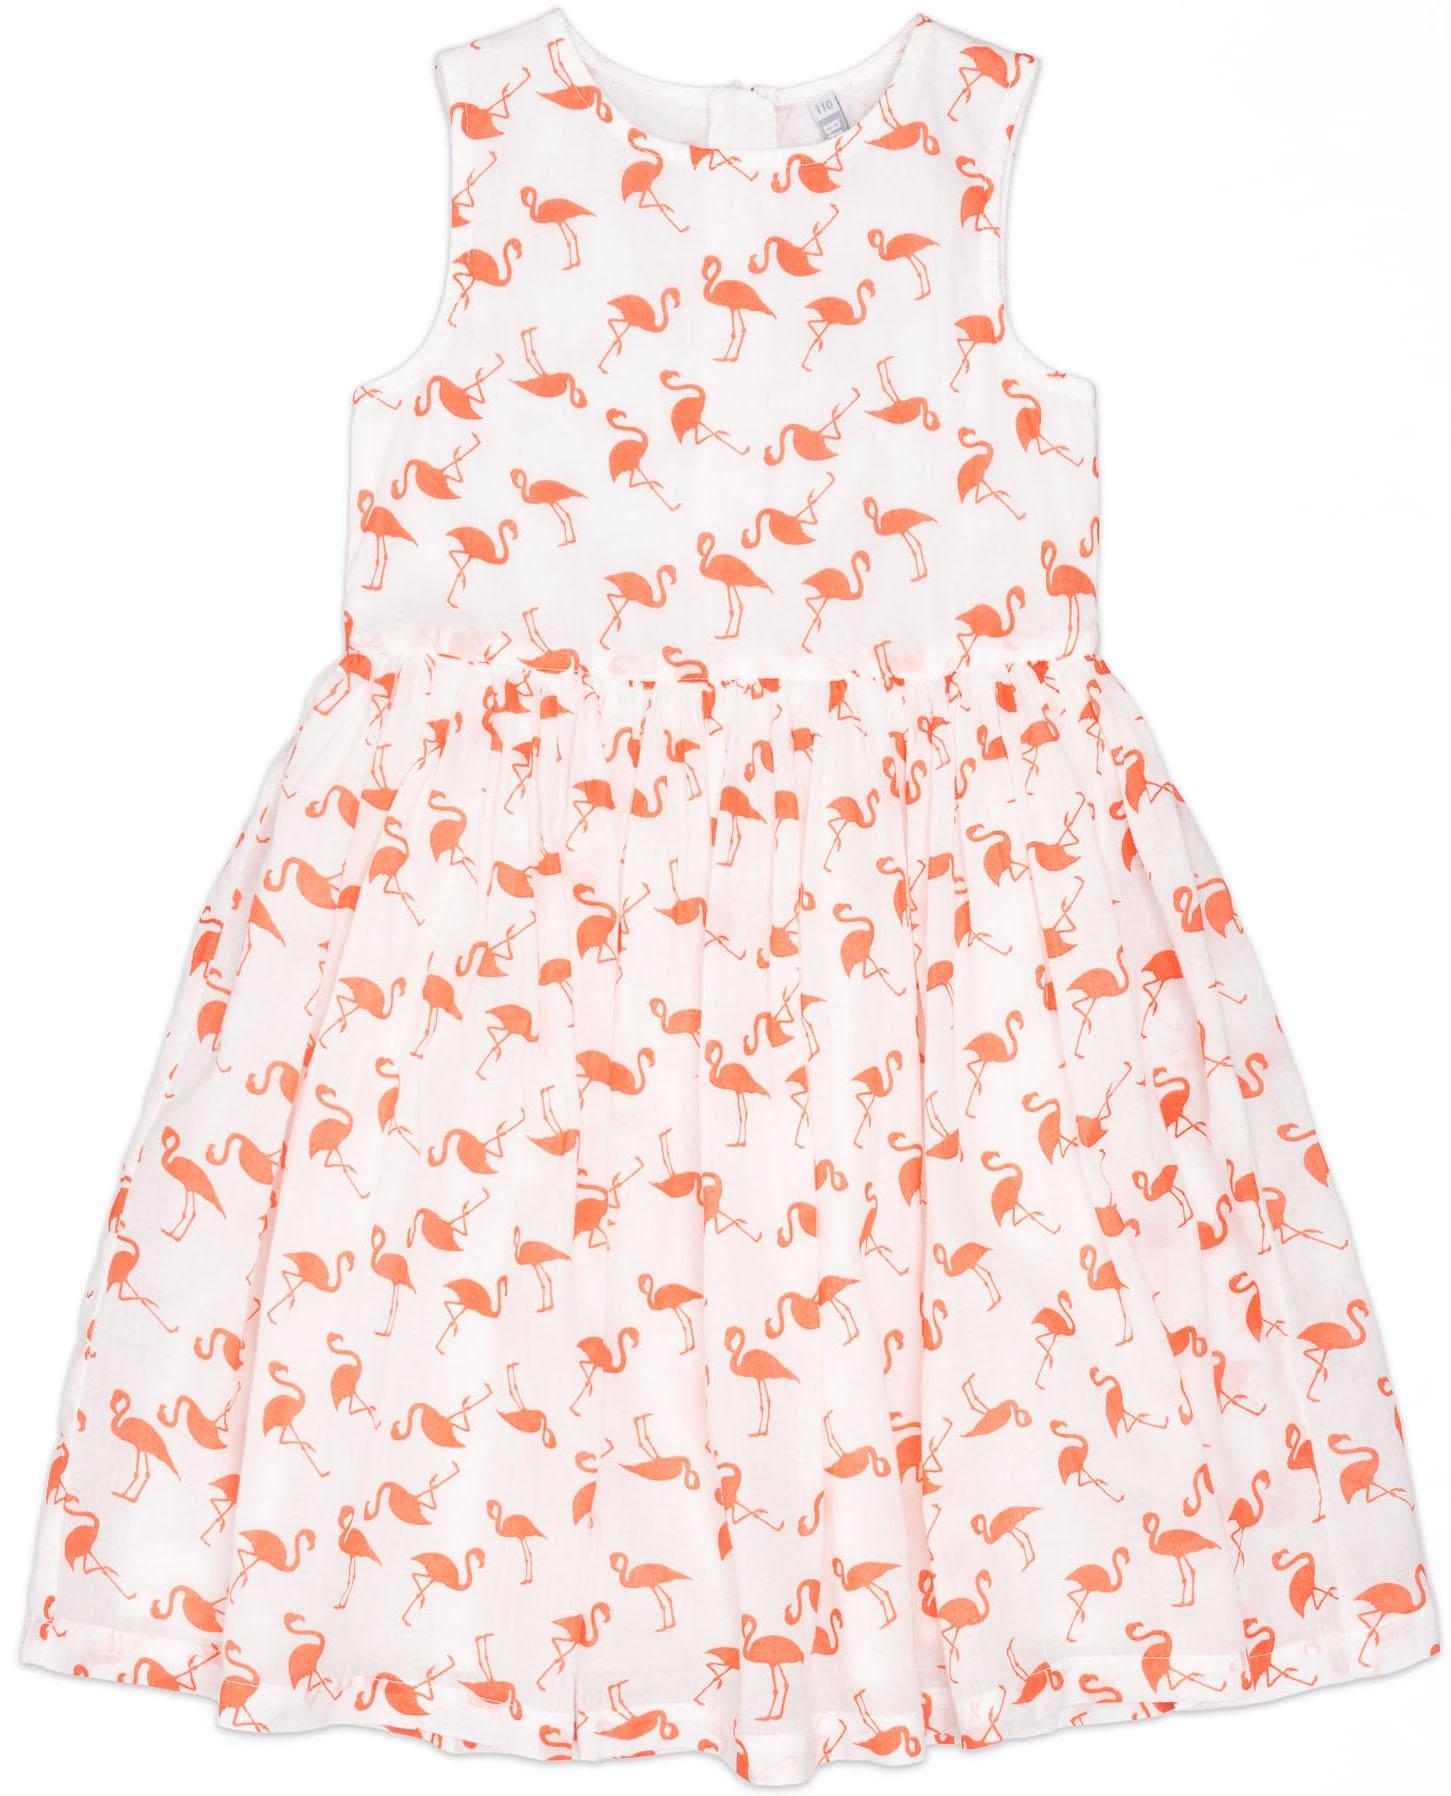 Платья и сарафаны Barkito Платье без рукавов Barkito, Фламинго, белое perlitta perlitta платье белое